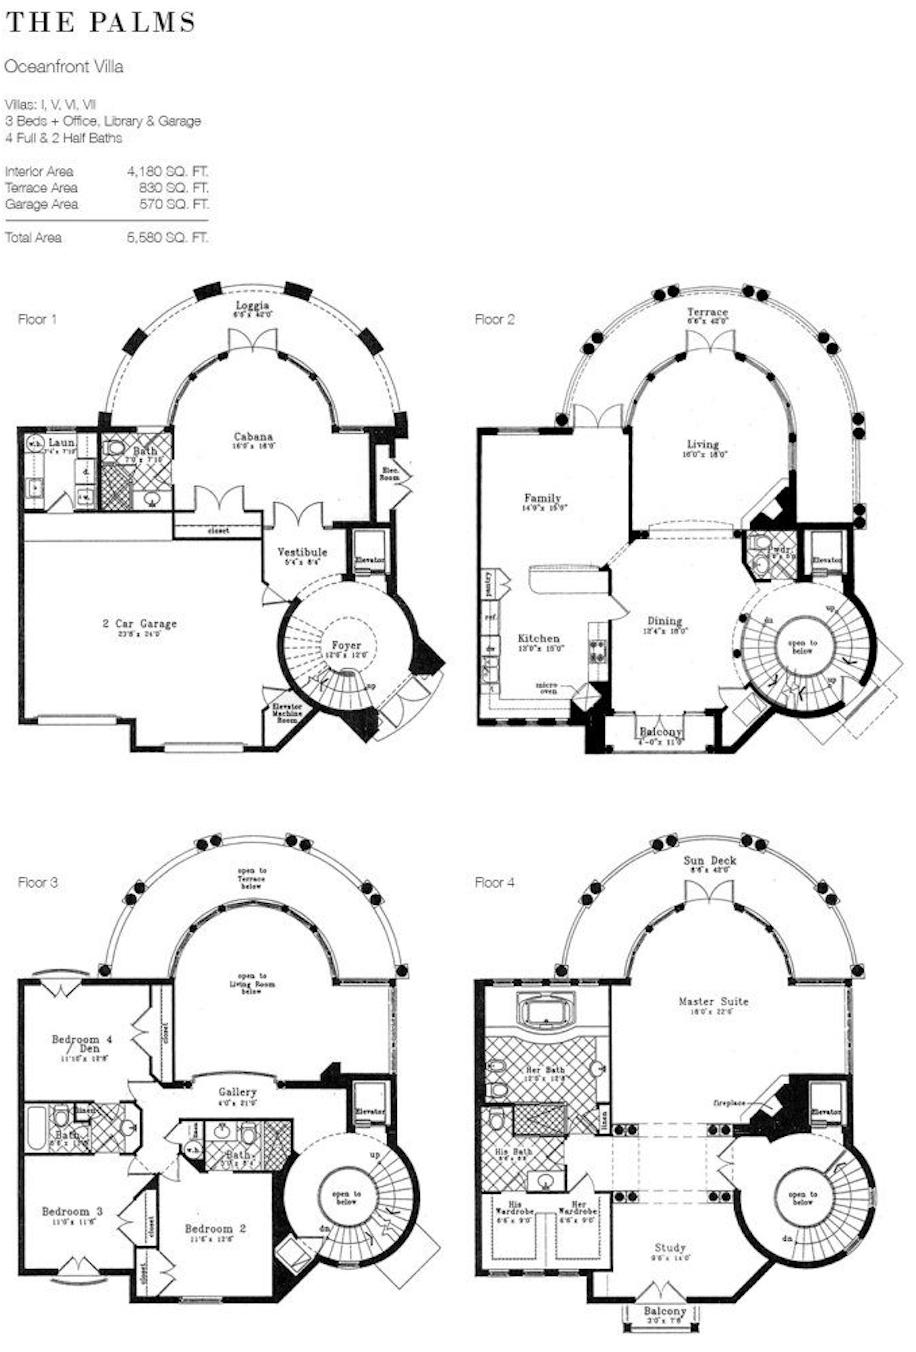 The Palms | Floor Plan of Ocean front Villa